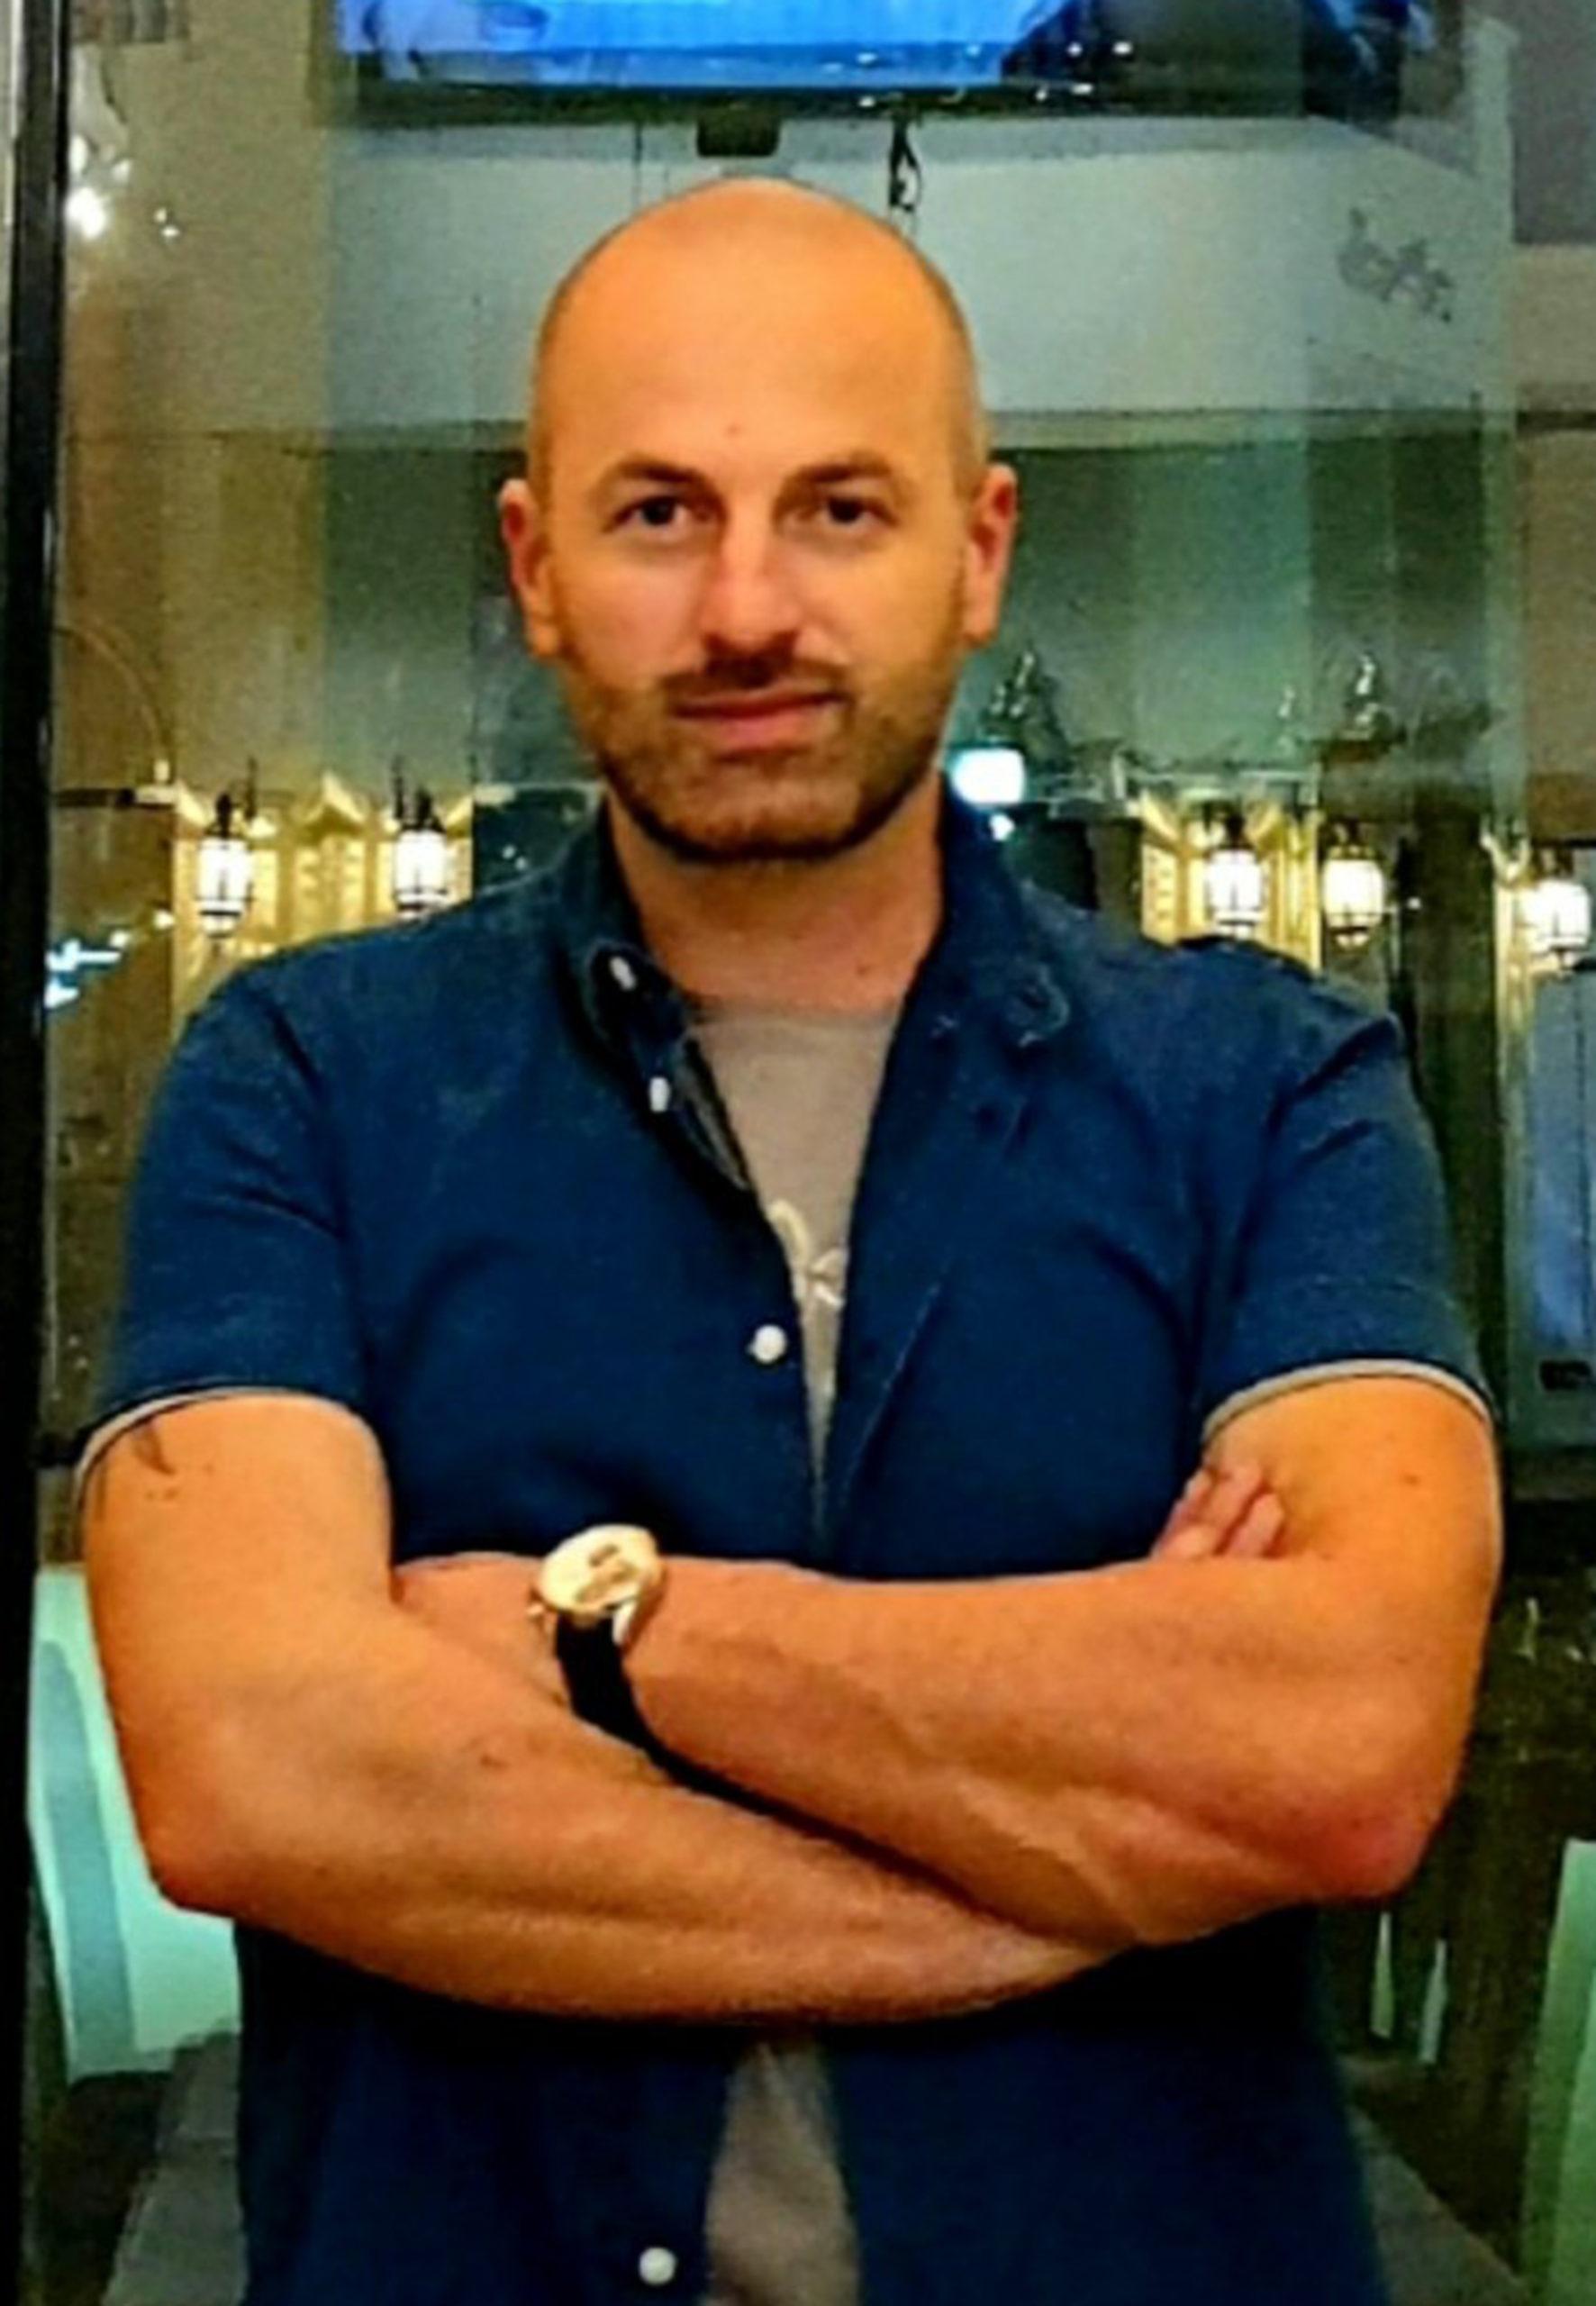 Kristijan Mileski